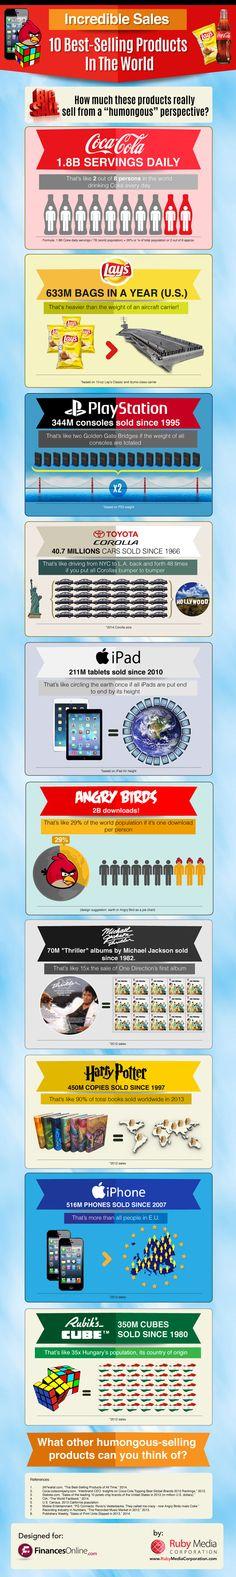 Infográfico revela os 10 produtos mais vendidos no mundo - veja quais sao - Blue Bus